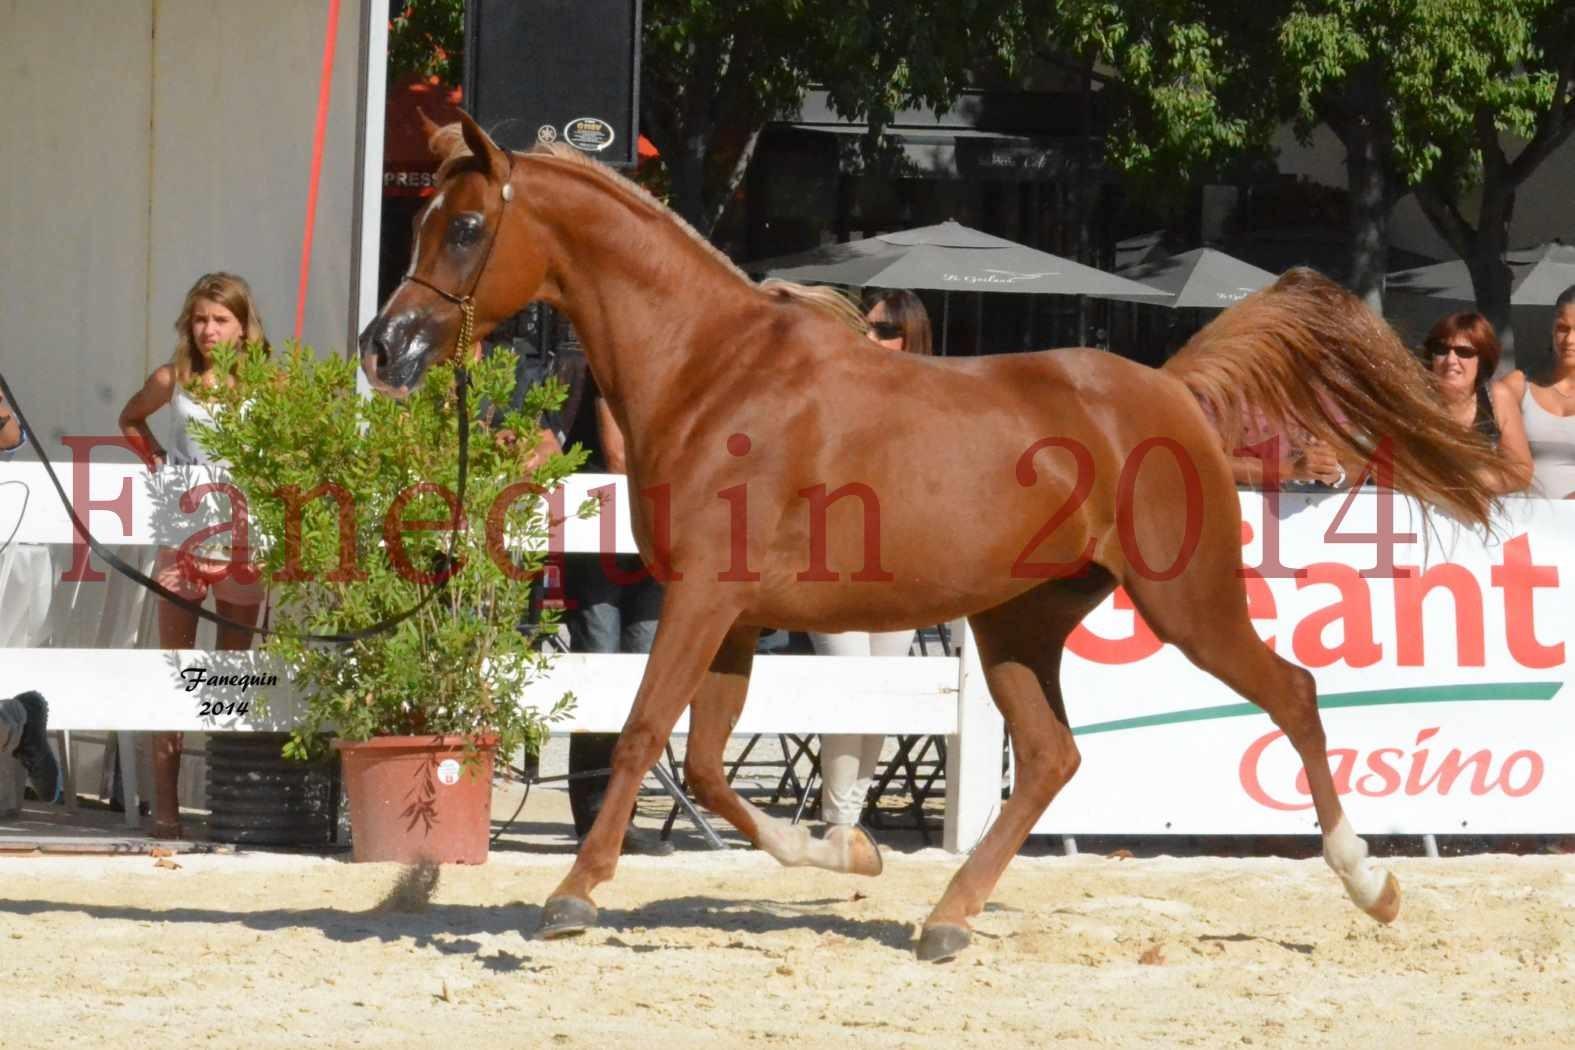 Concours National de Nîmes de chevaux ARABES 2014 - Notre Sélection - MASSAI DE BARREL - 11